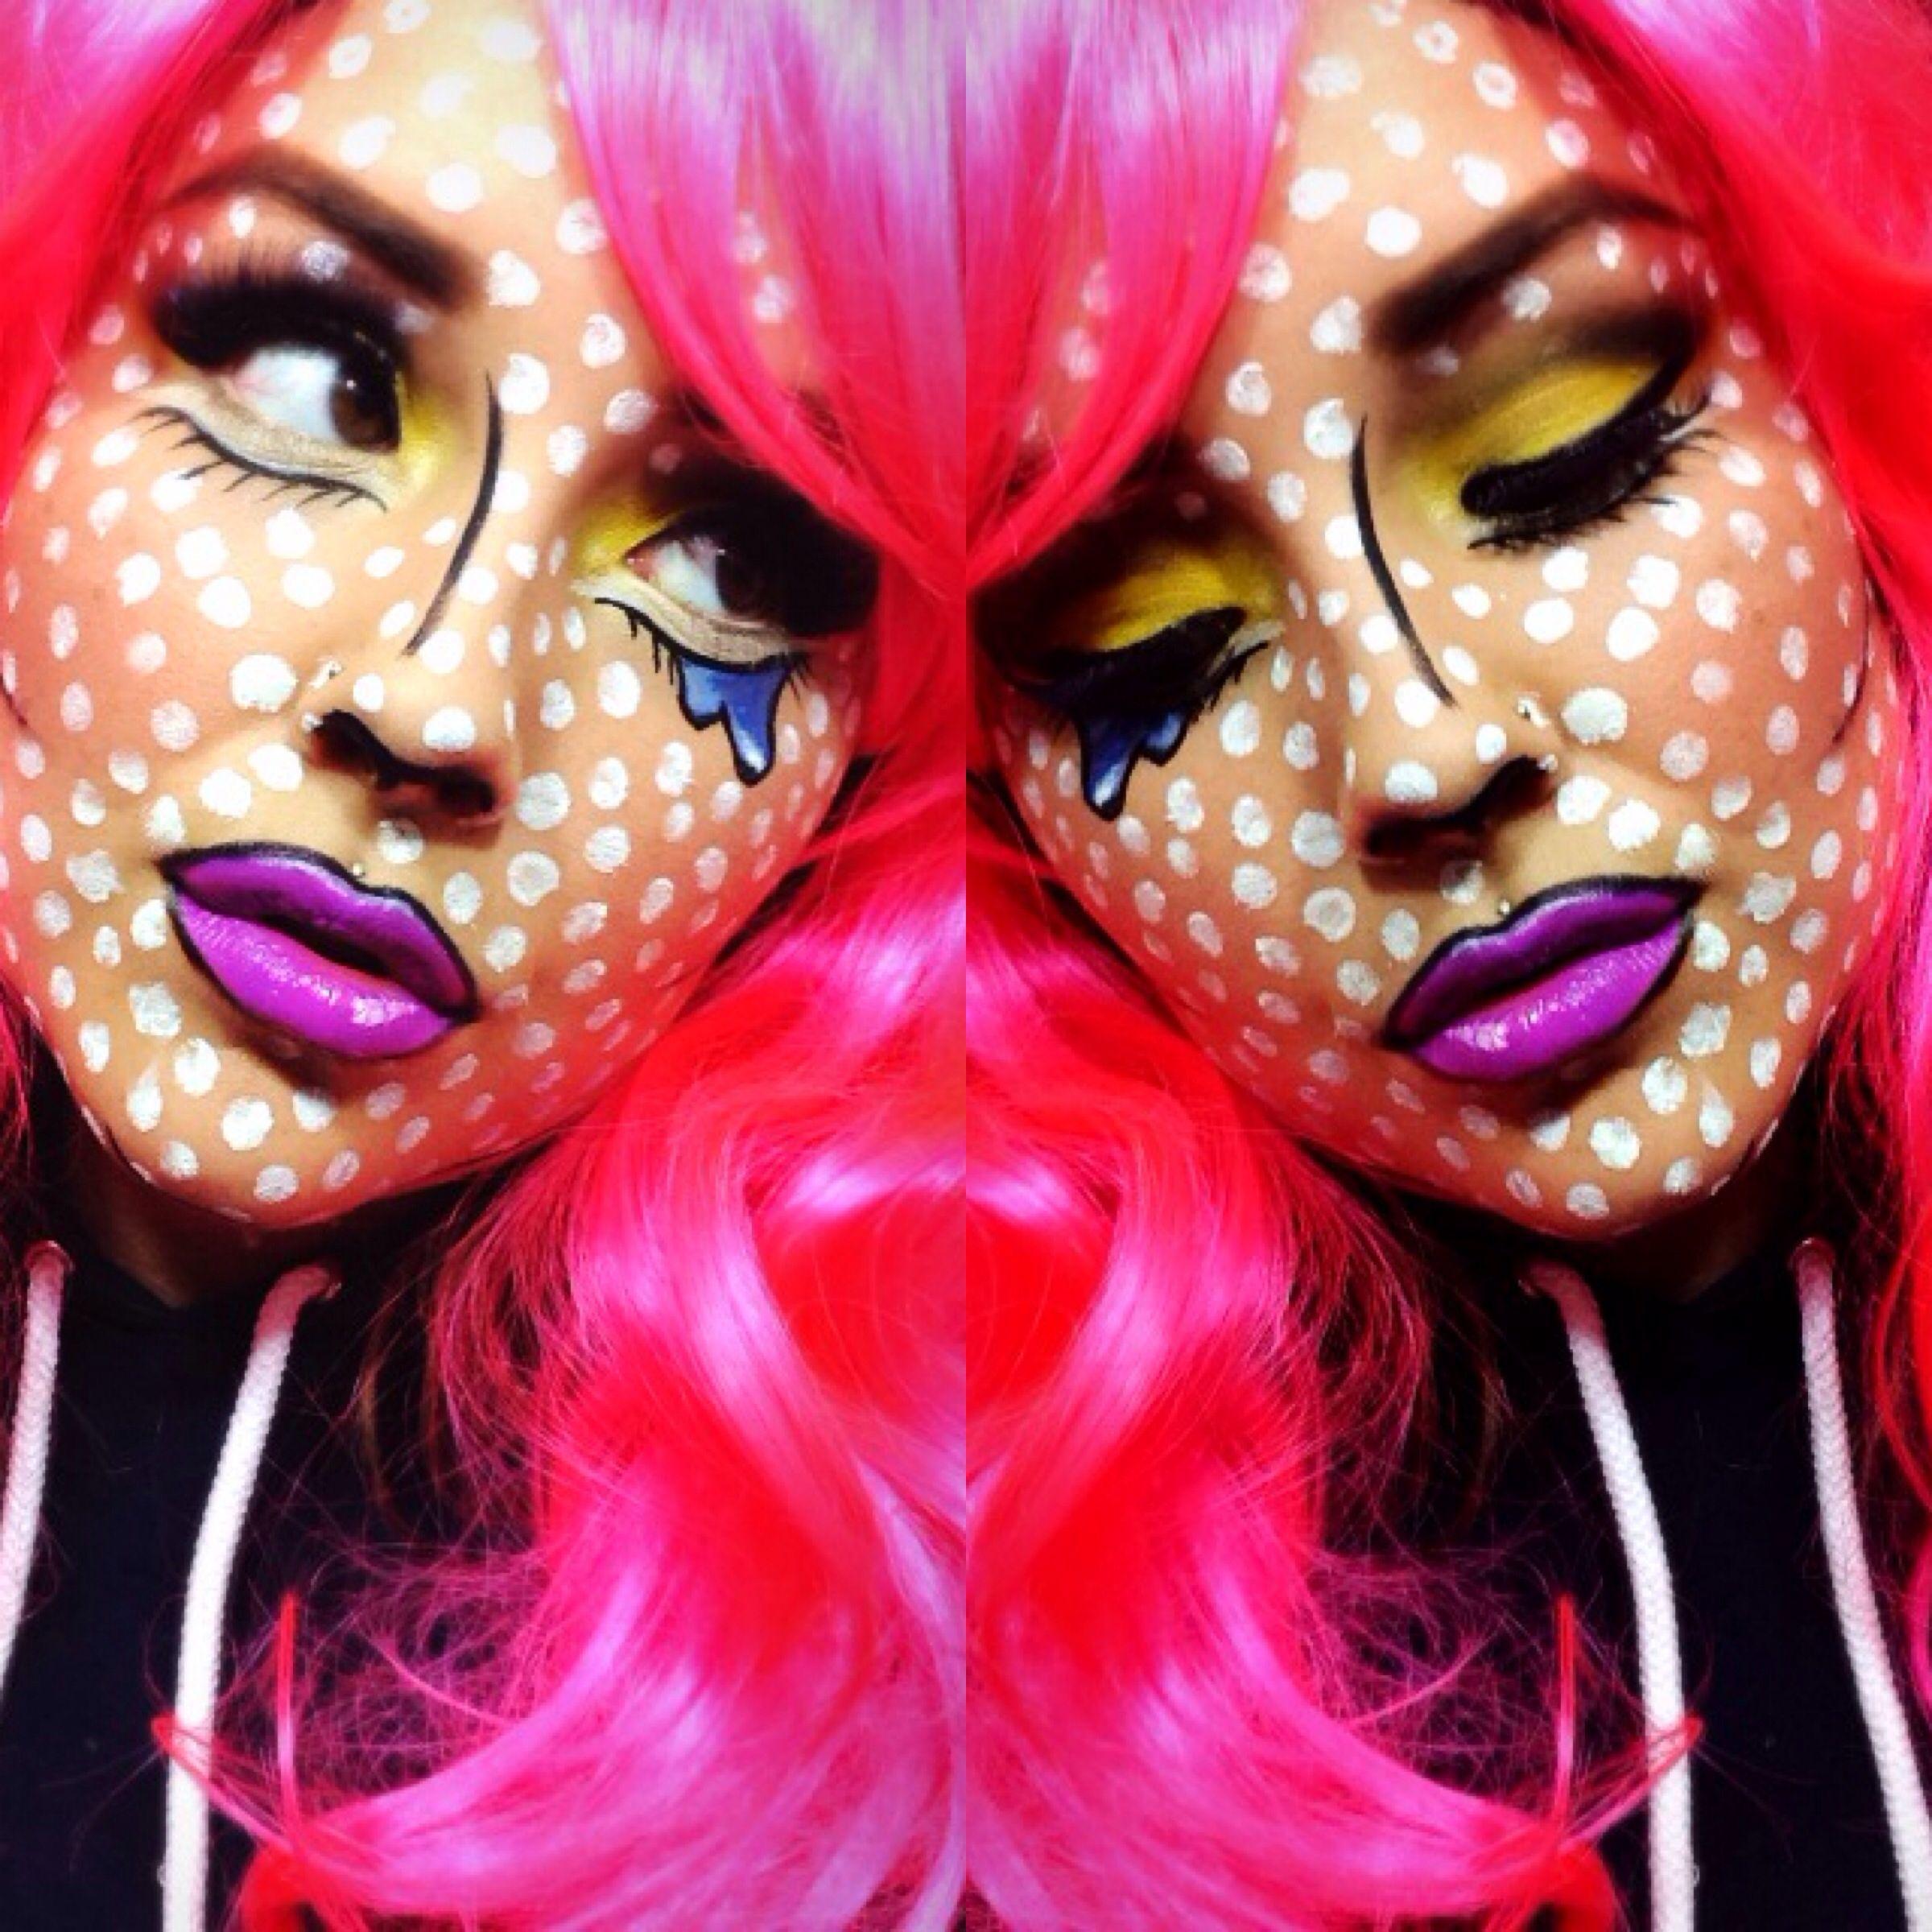 Pin By Christy Hudson On Halloween Comic Book Makeup Pop Art Makeup Pop Art Costume